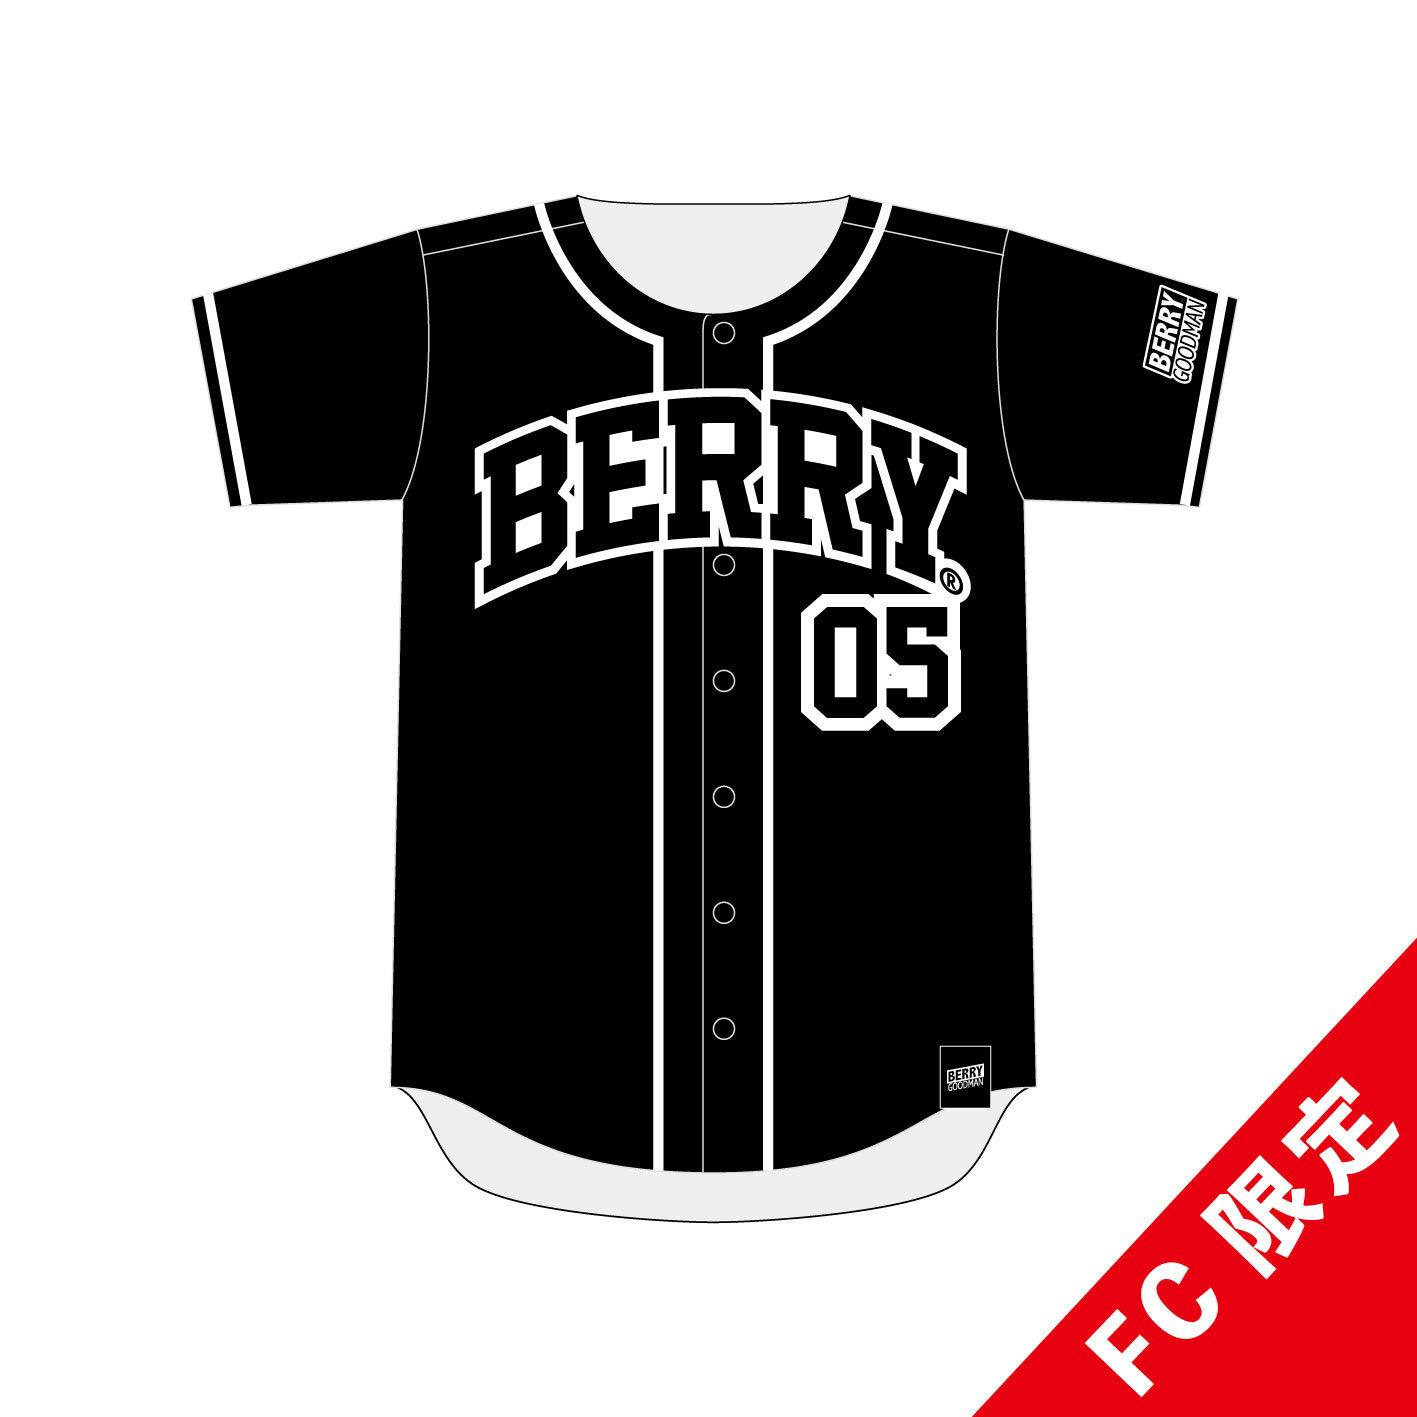 【2次受付】ベースボールシャツ 2018 [ ブラック ]